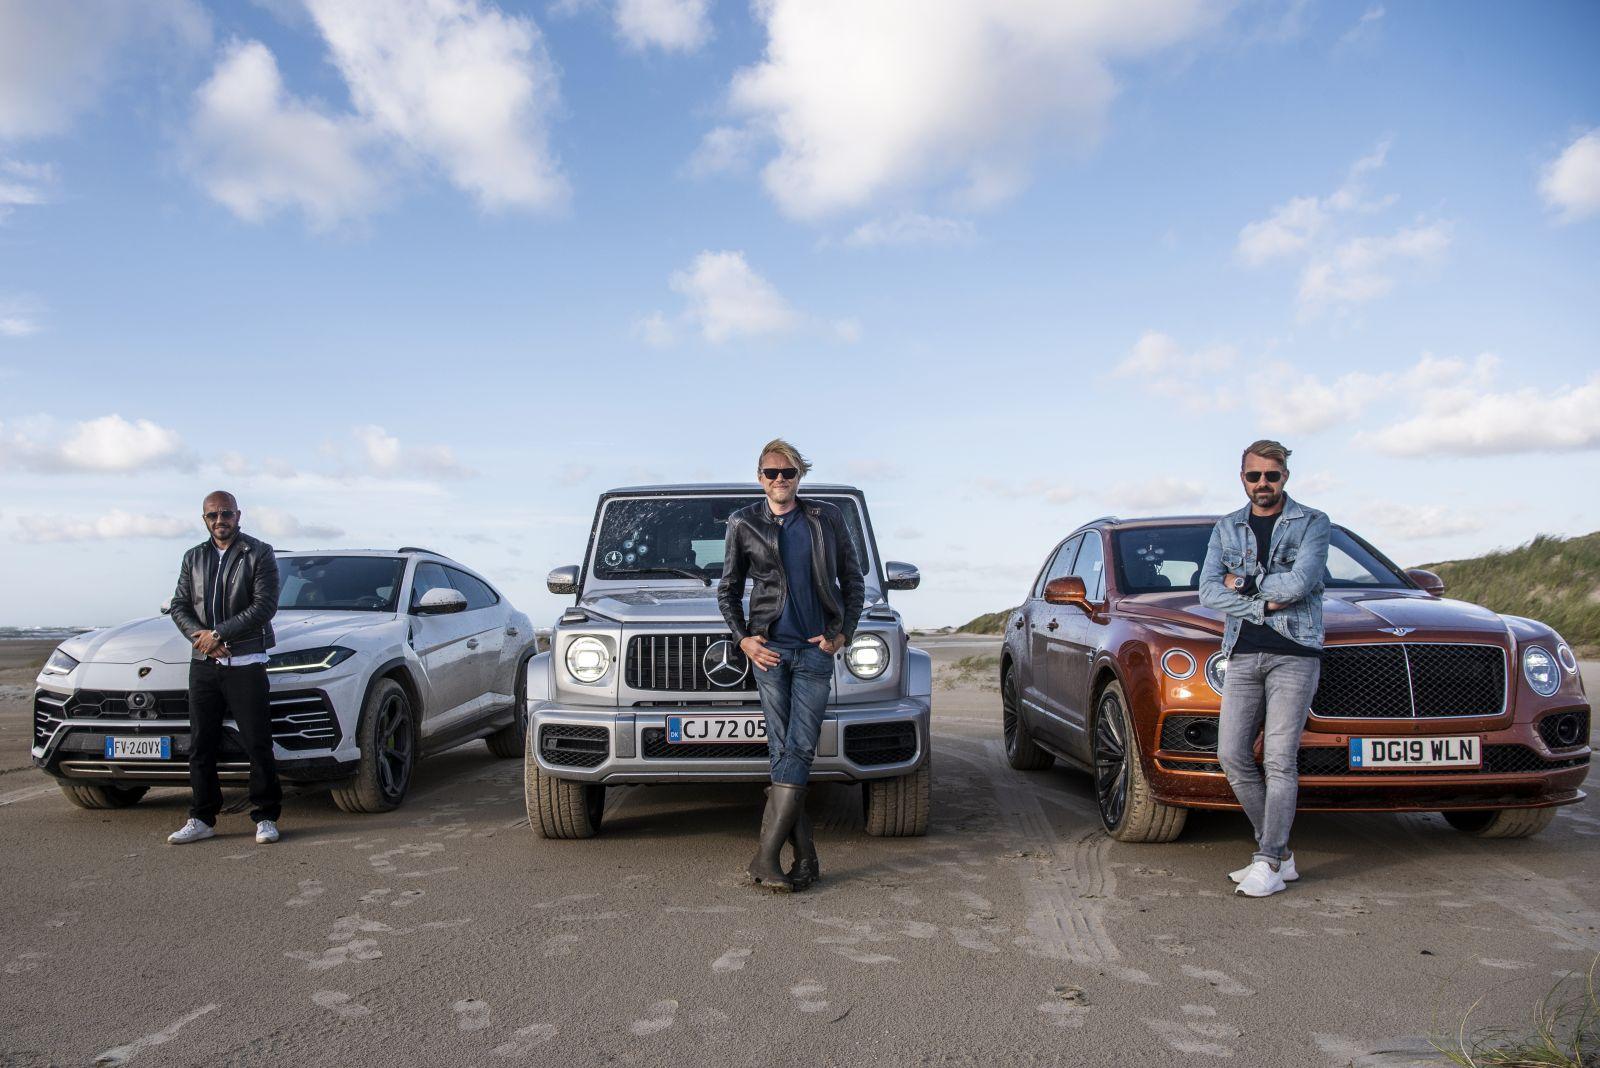 Foto: Per Arnesen / Discovery Networks Danmark